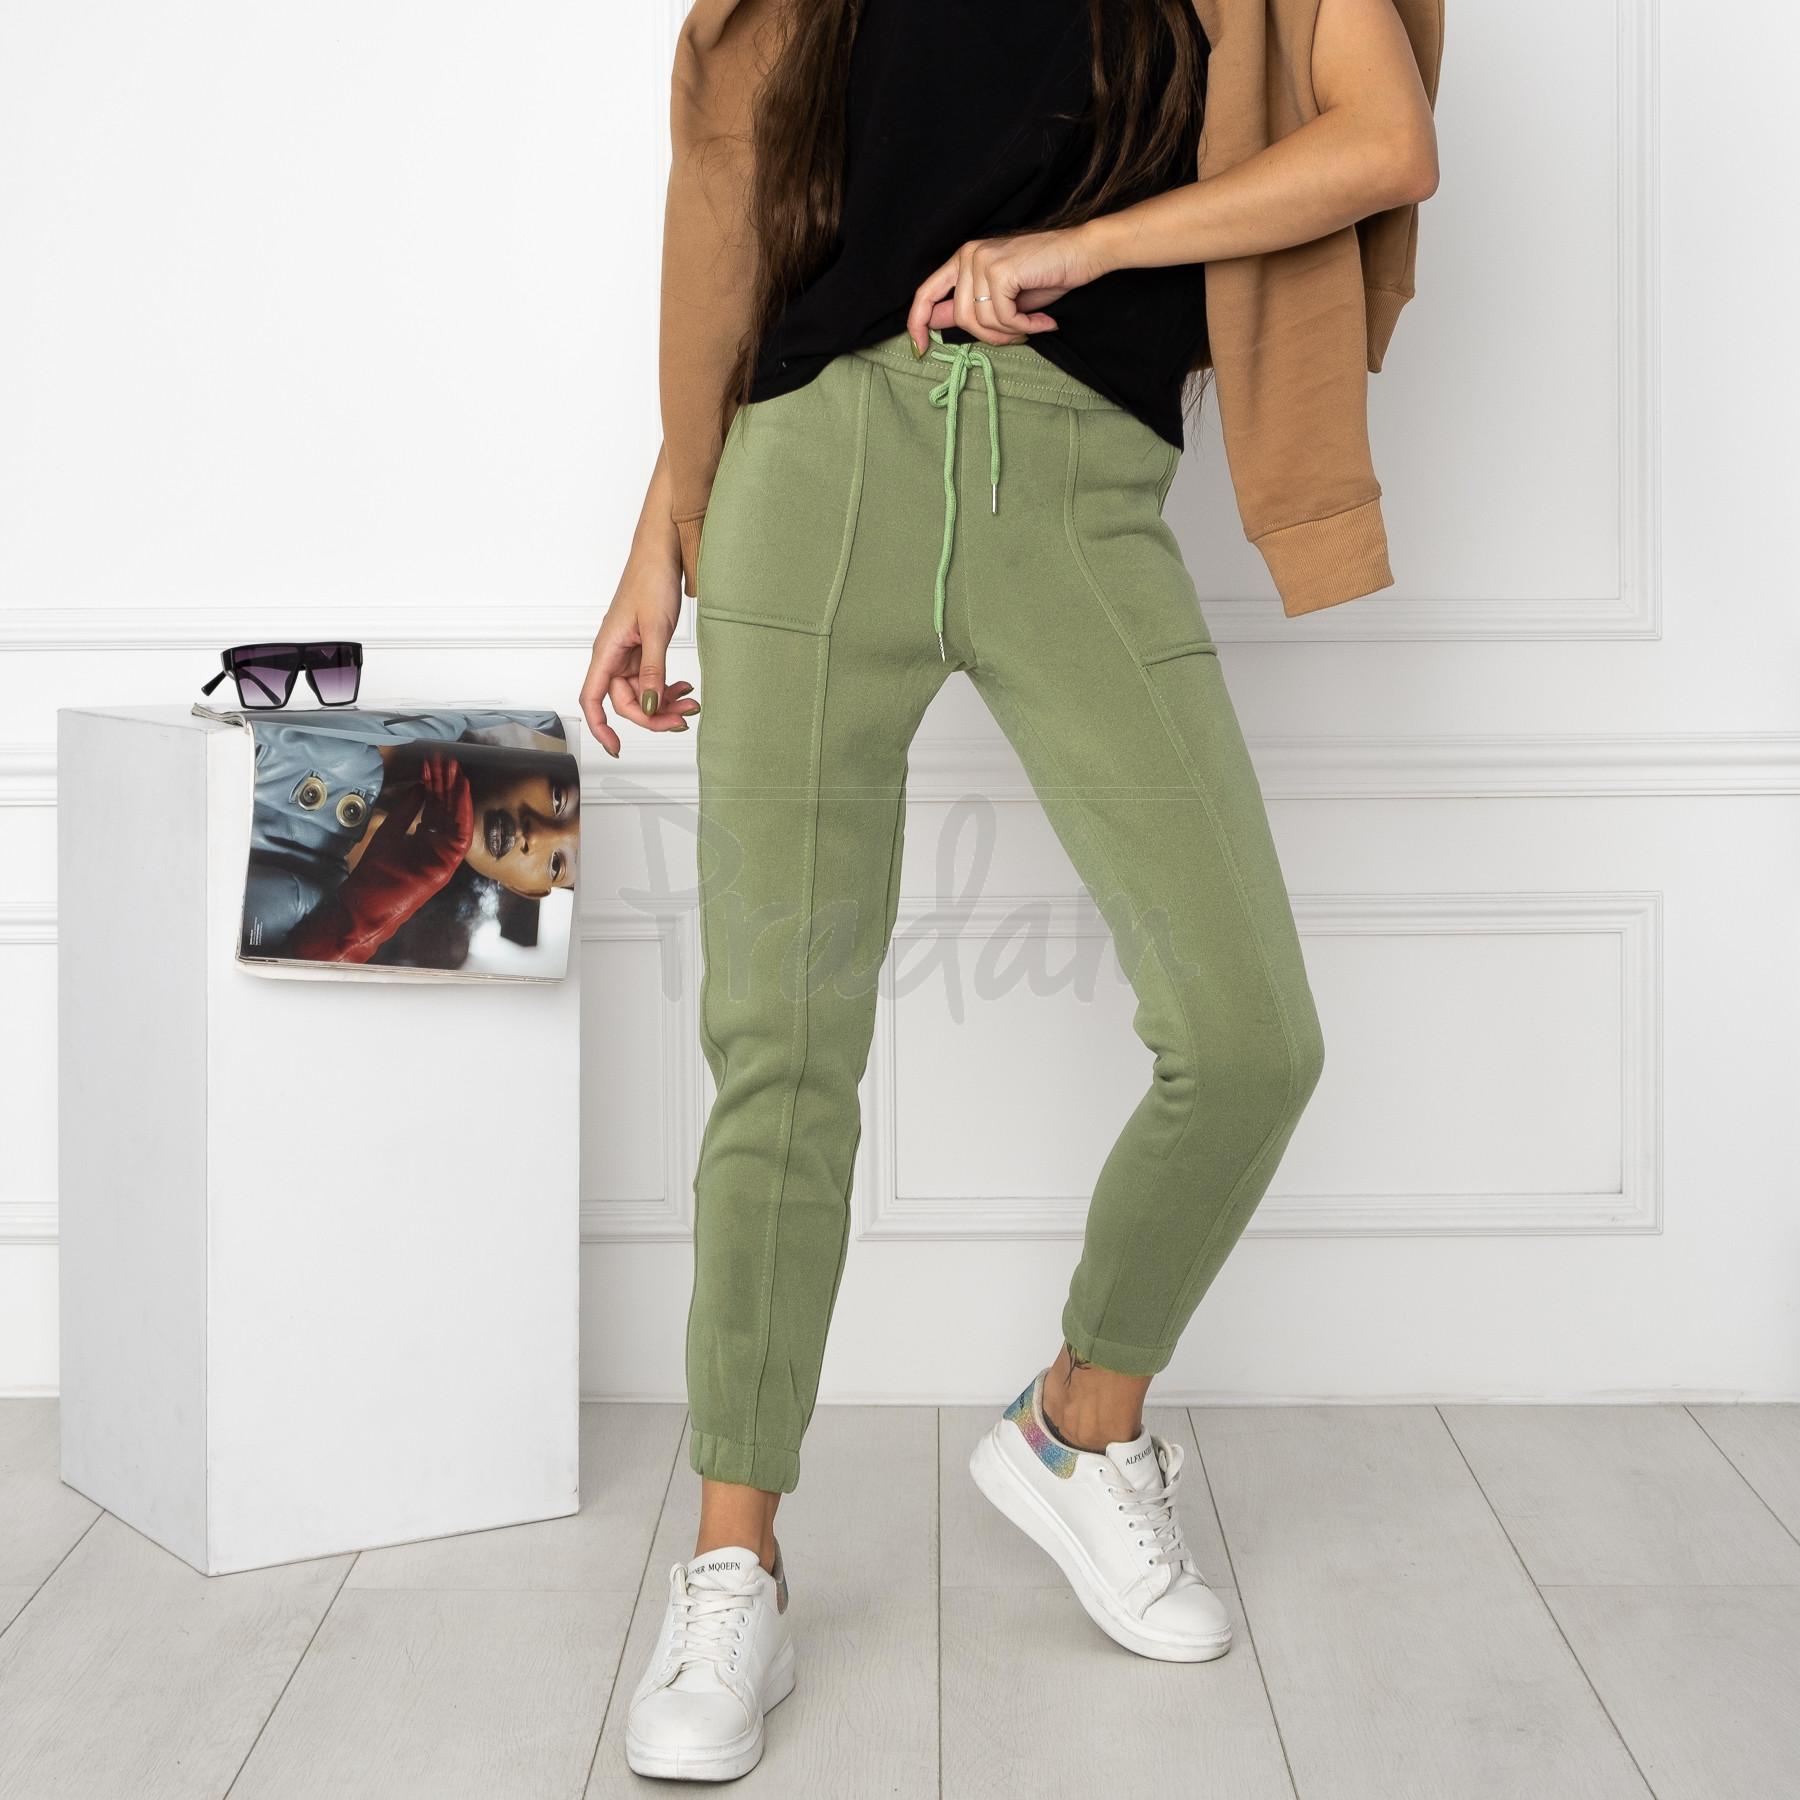 0011-4 хаки спортивные штаны женские на флисе (6 ед.размеры: S.M.L.XL.XXL.3XL)